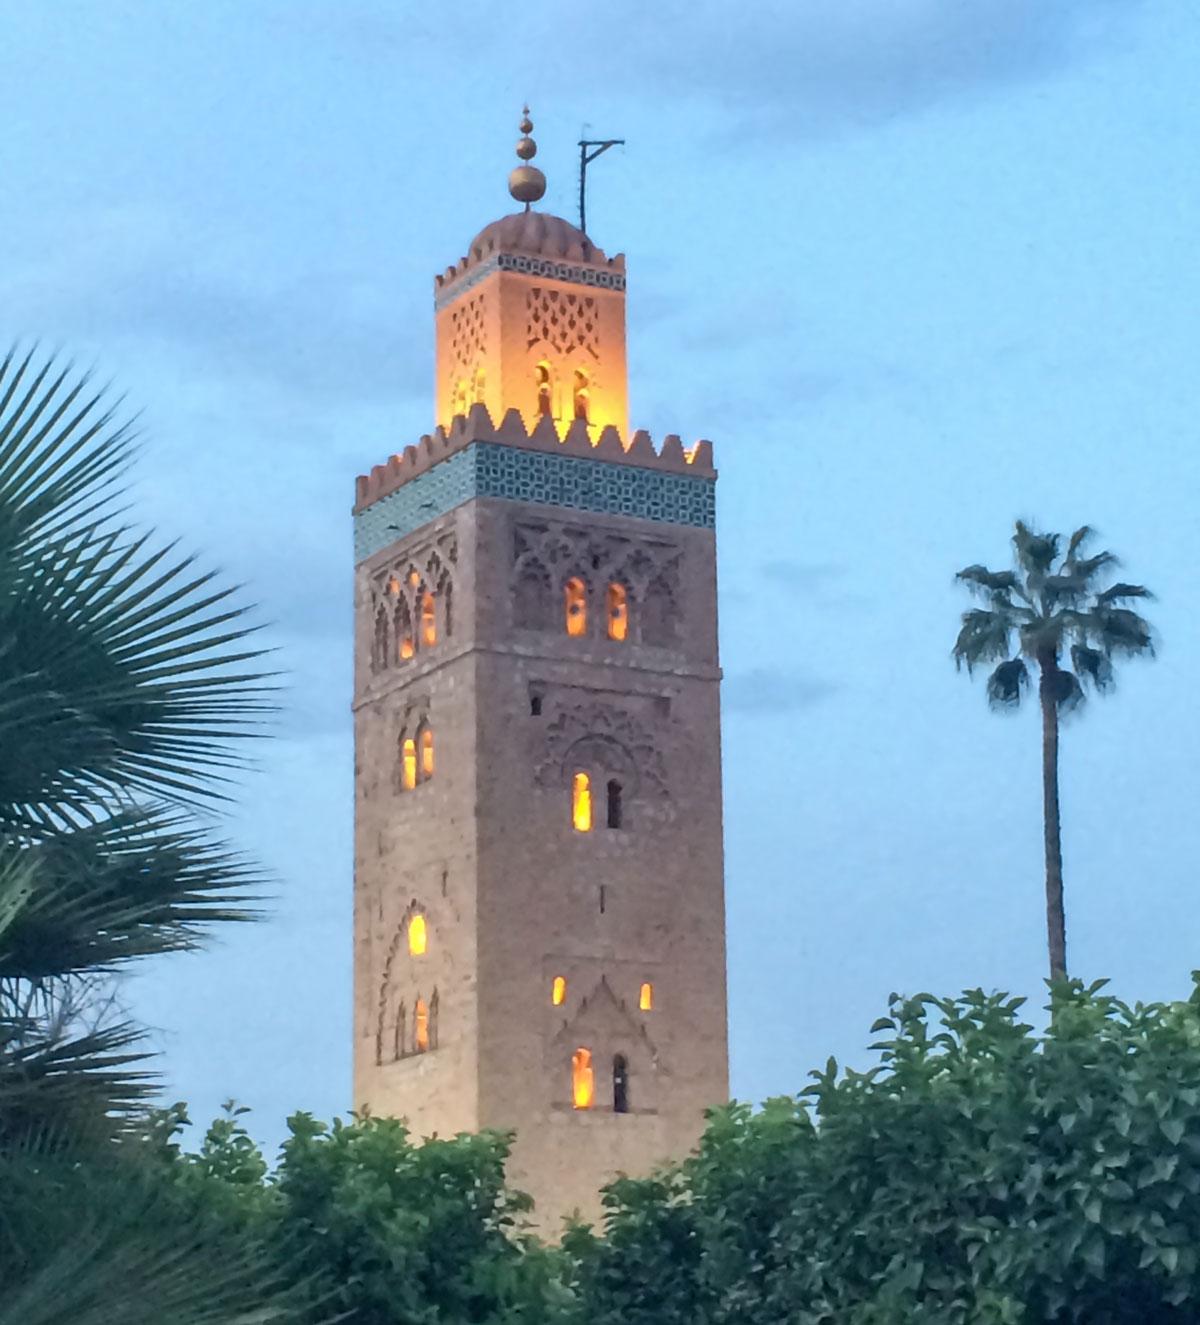 Koutoubia Moschee eine der Sehenswürdigkeiten in Marrakesch